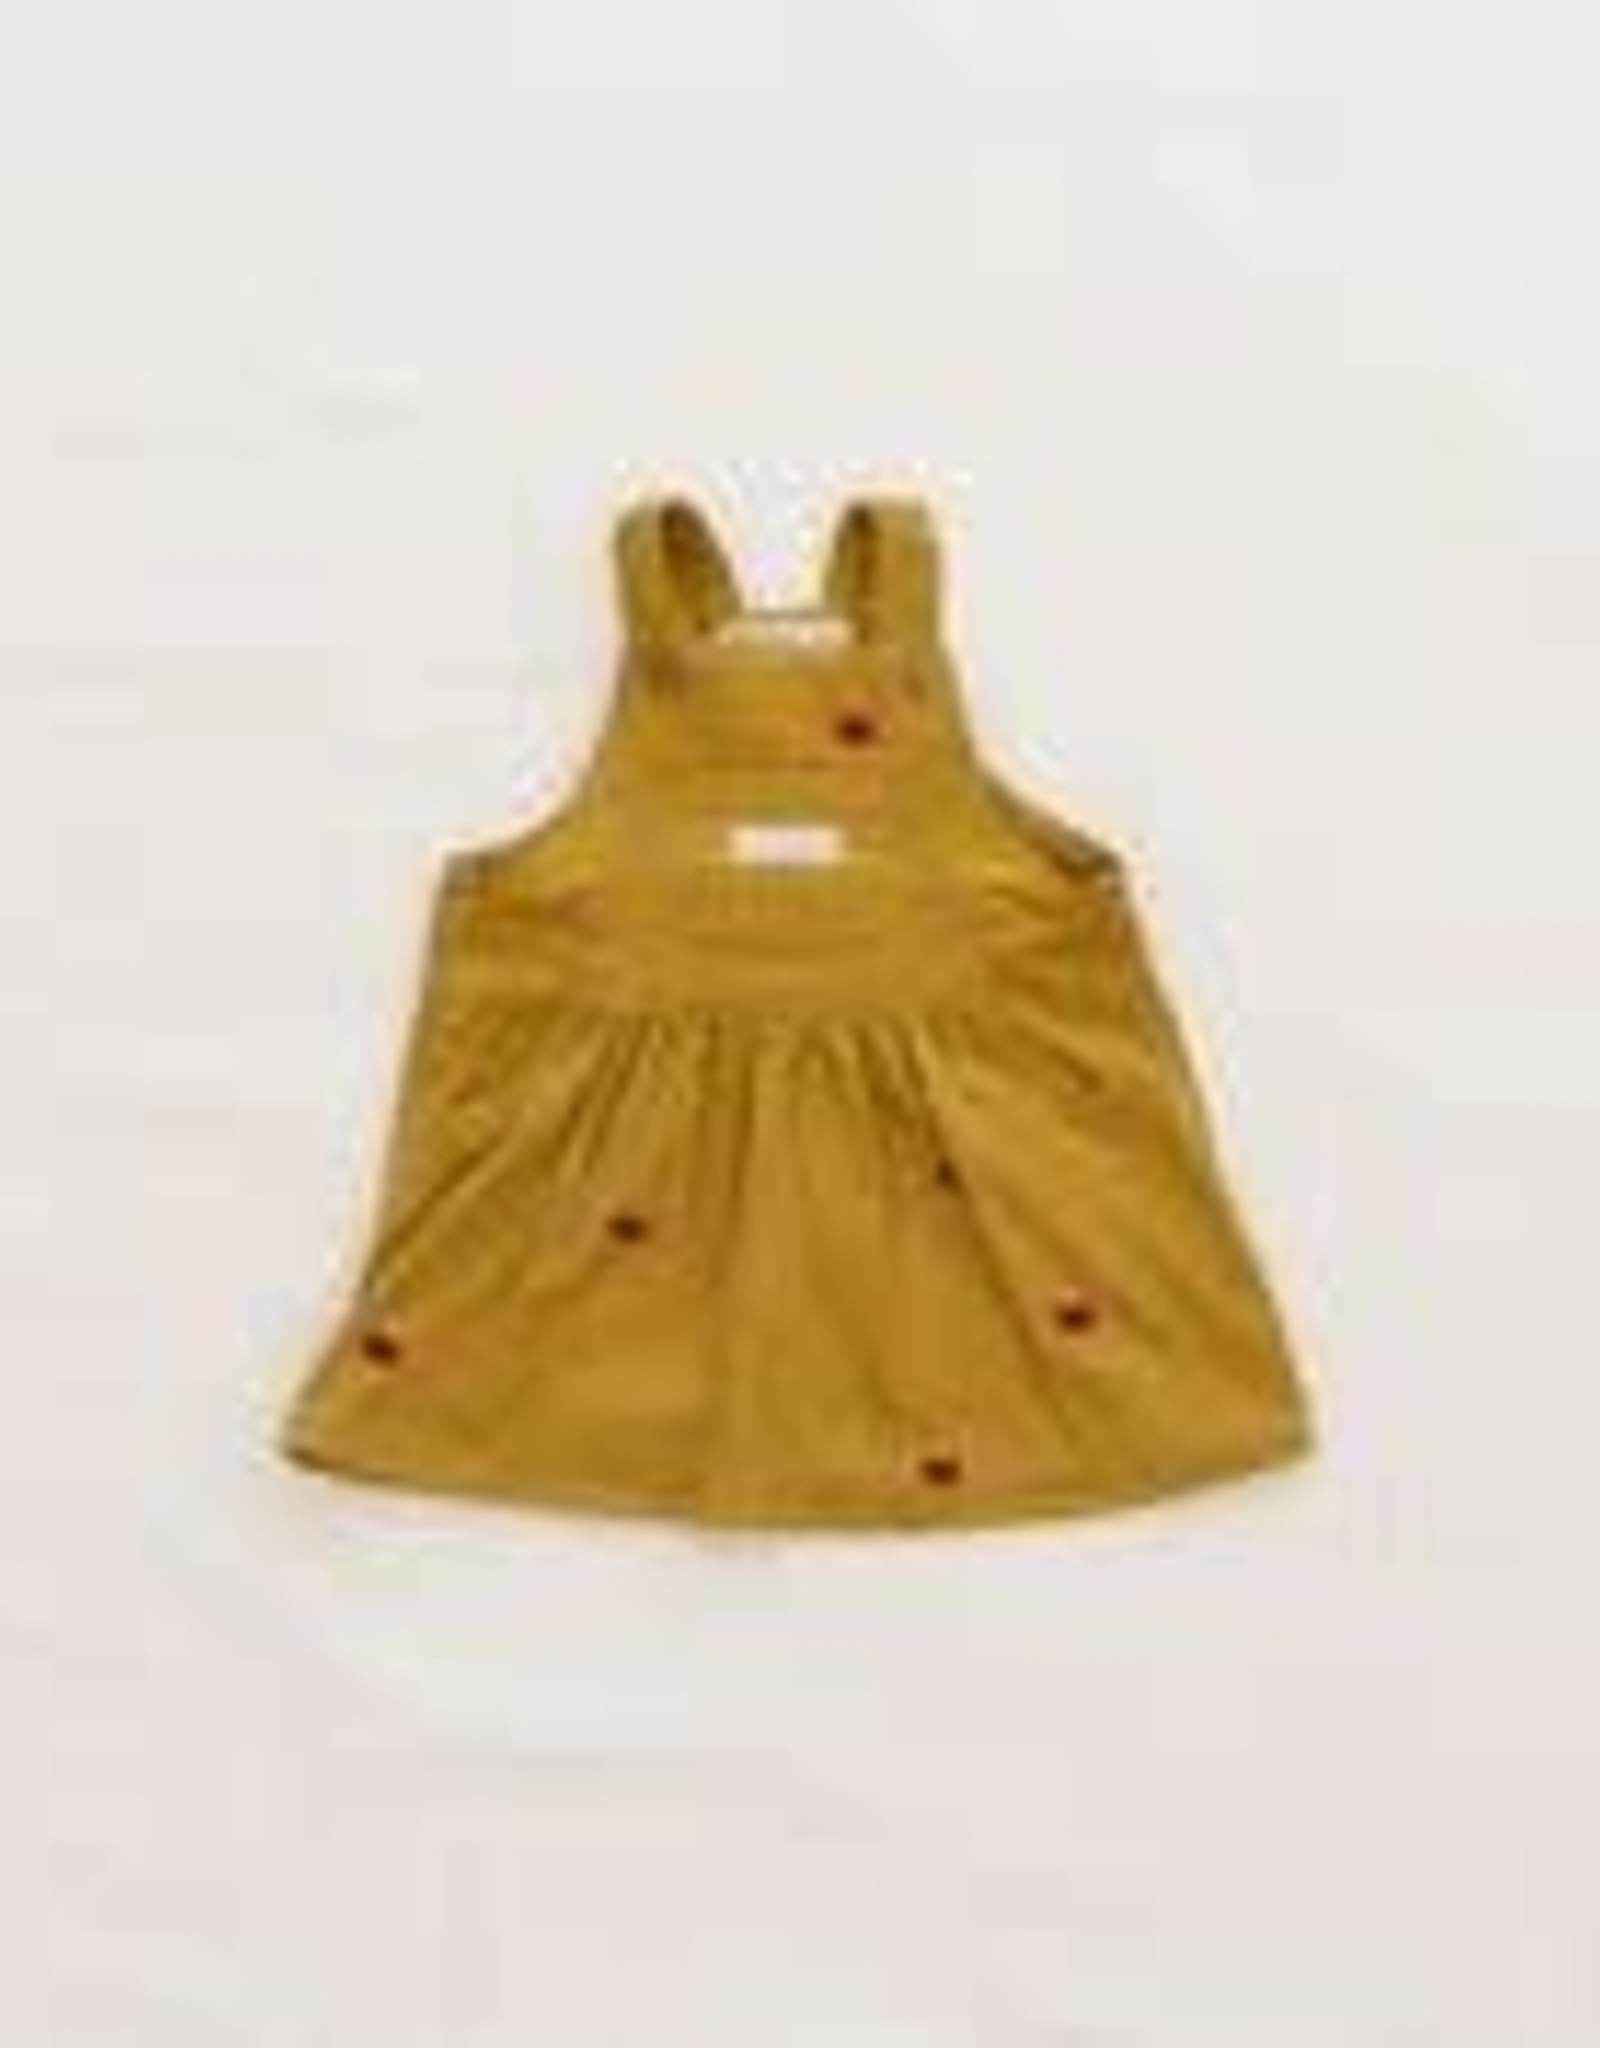 Fin & Vince Jumper Dress